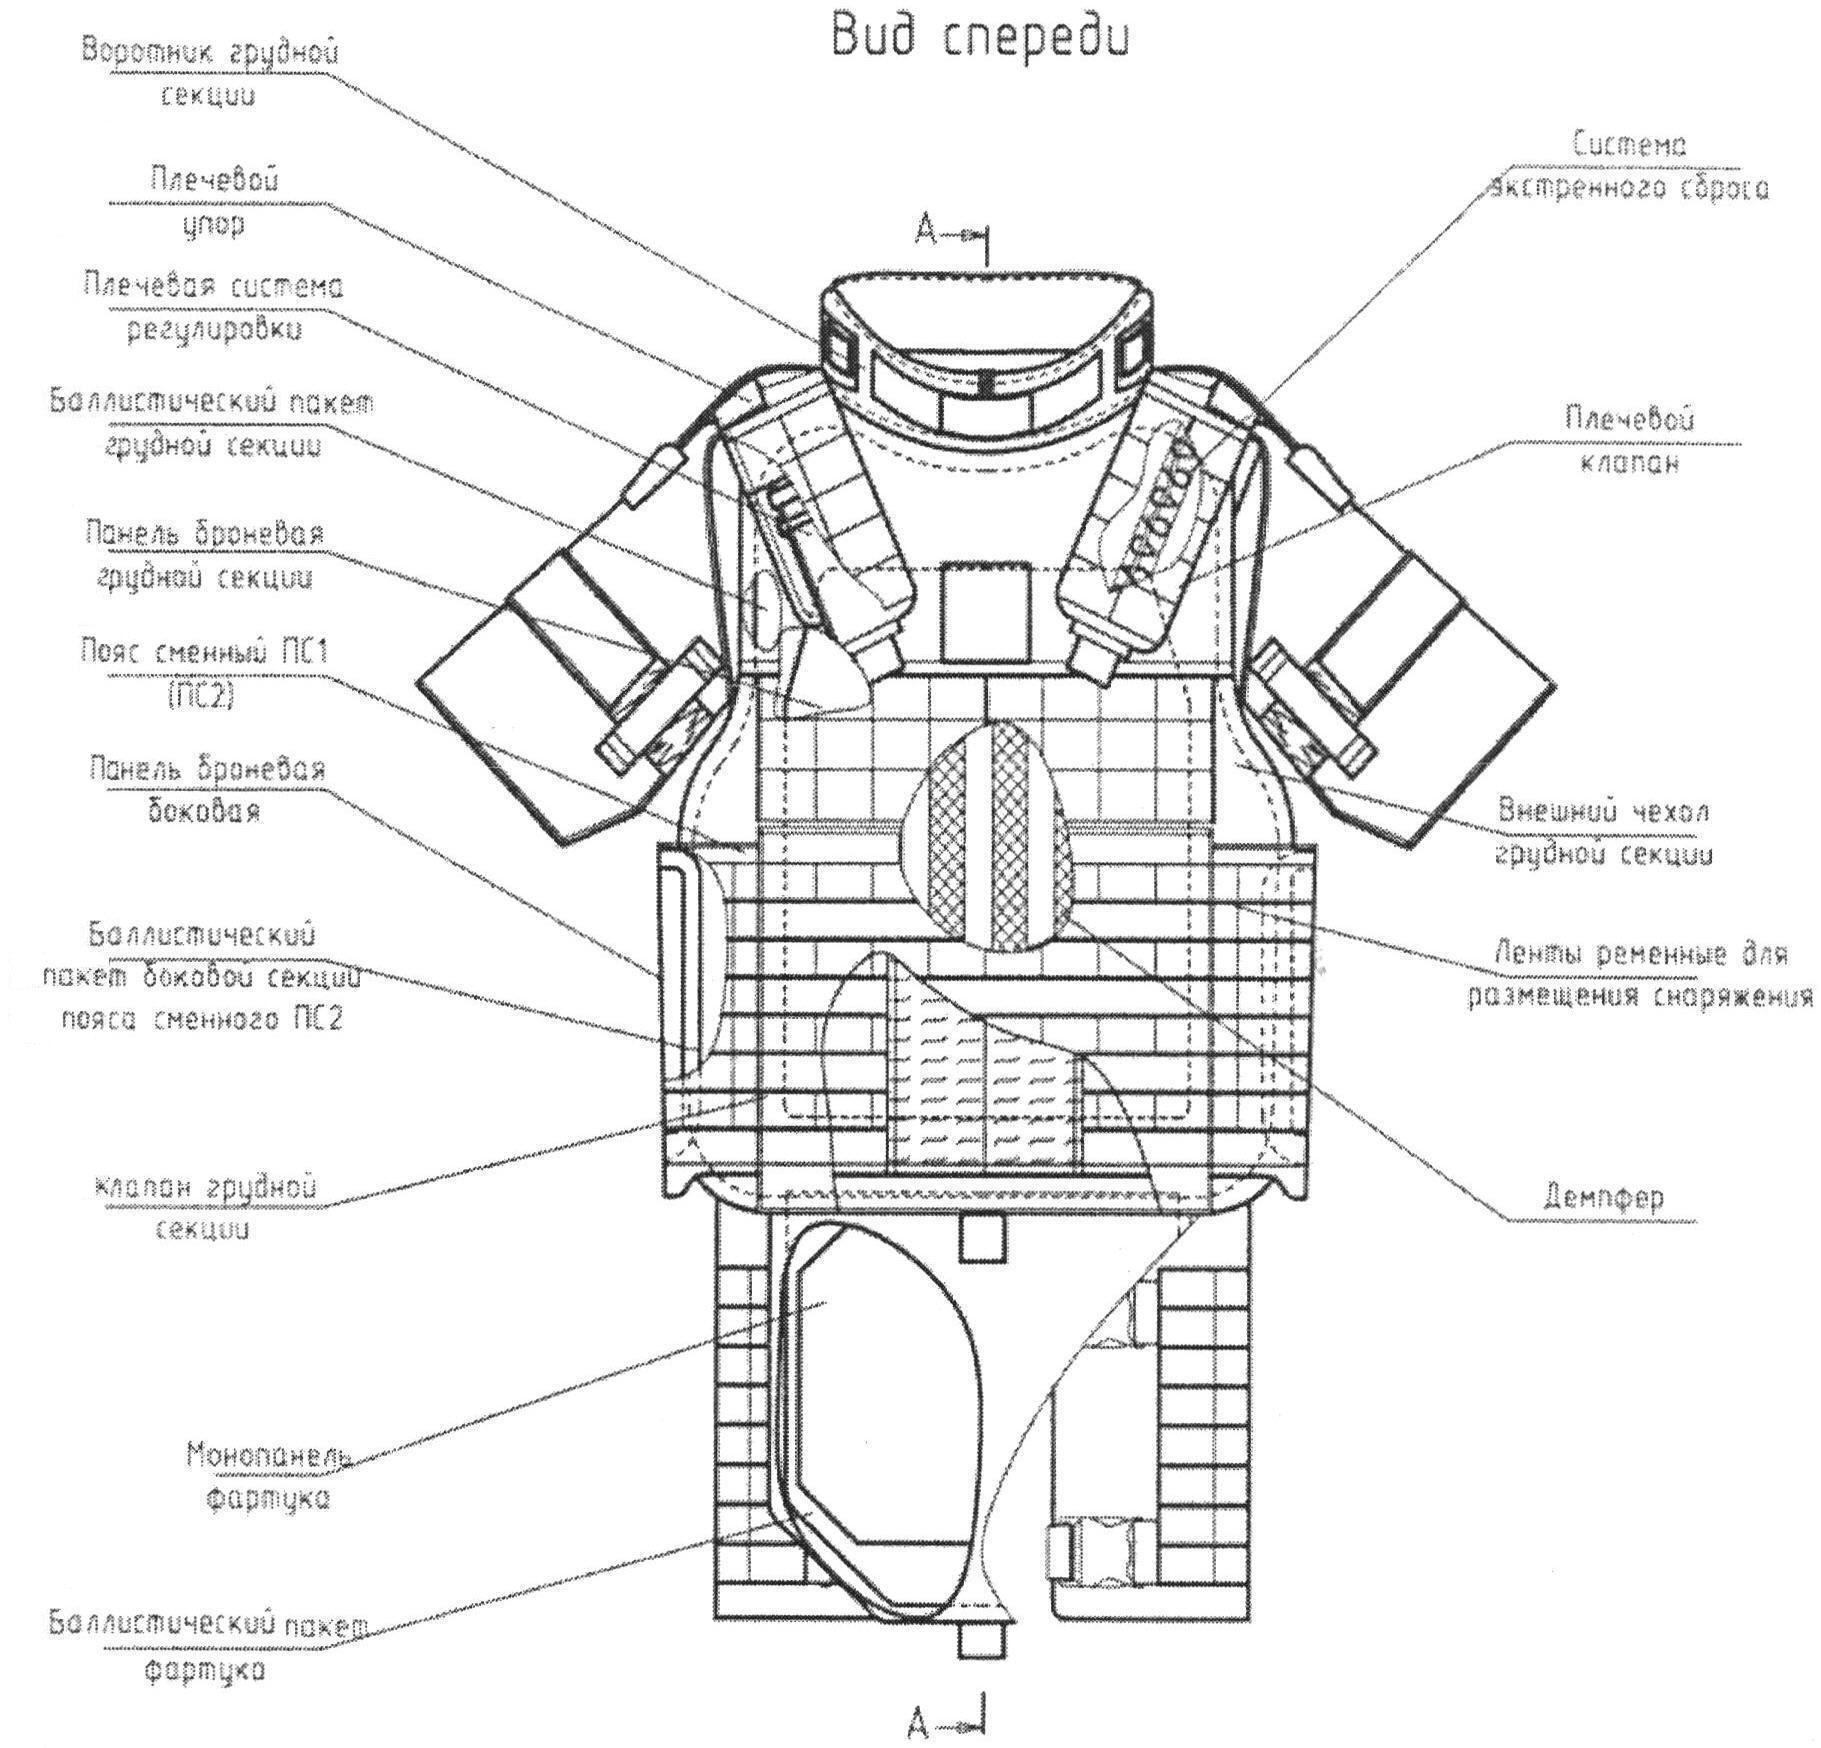 Как устроен современный бронежилет: принцип работы нательной защиты